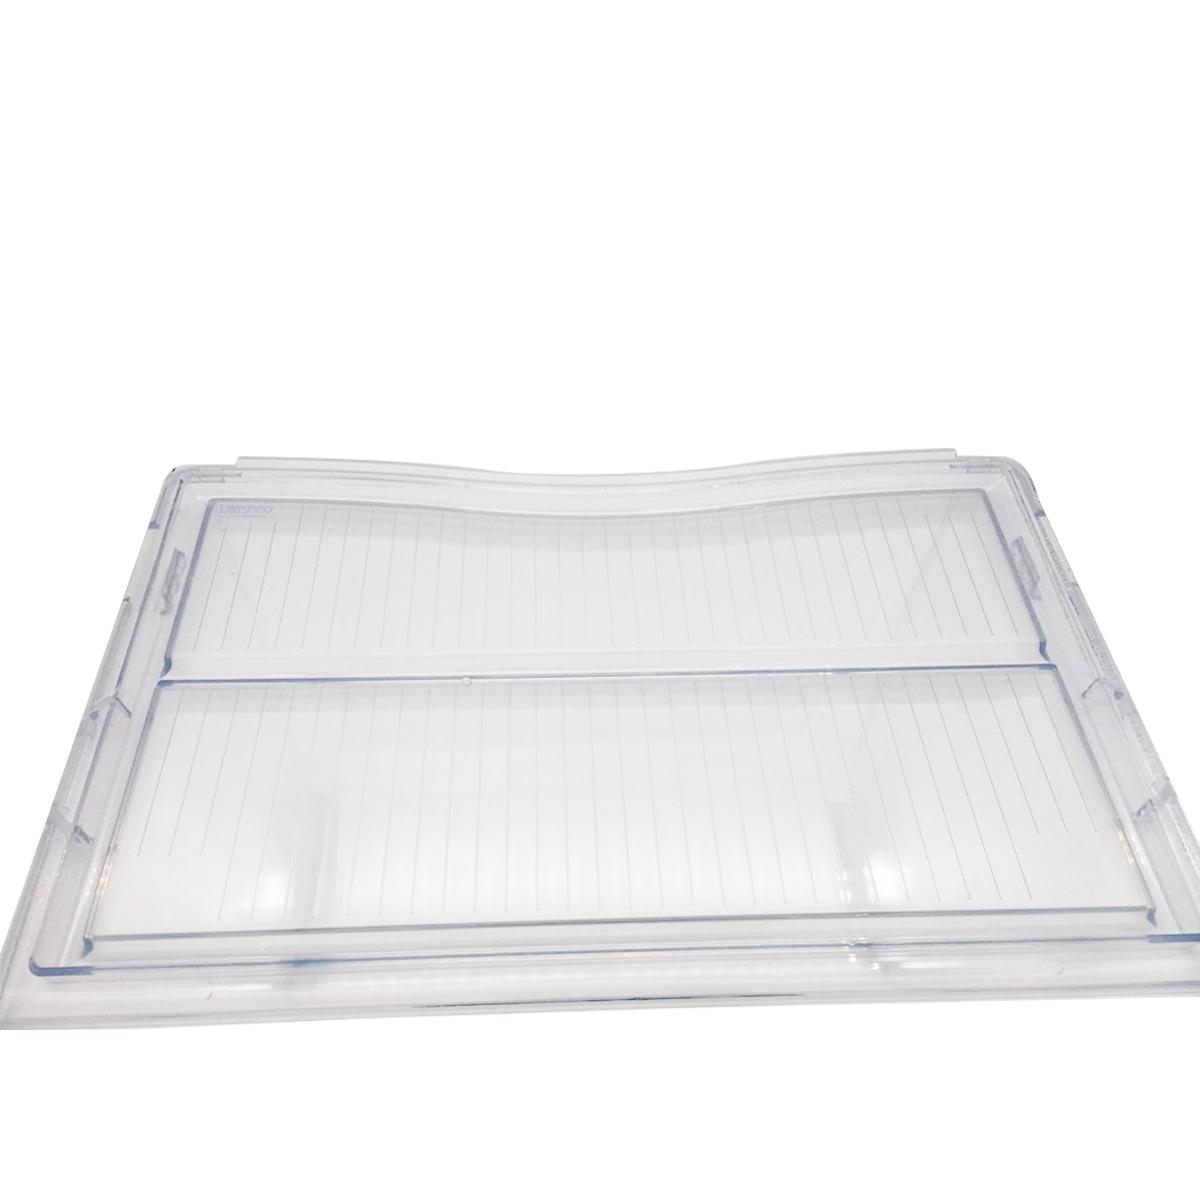 Prateleira Plástica Refrigerador Electrolux